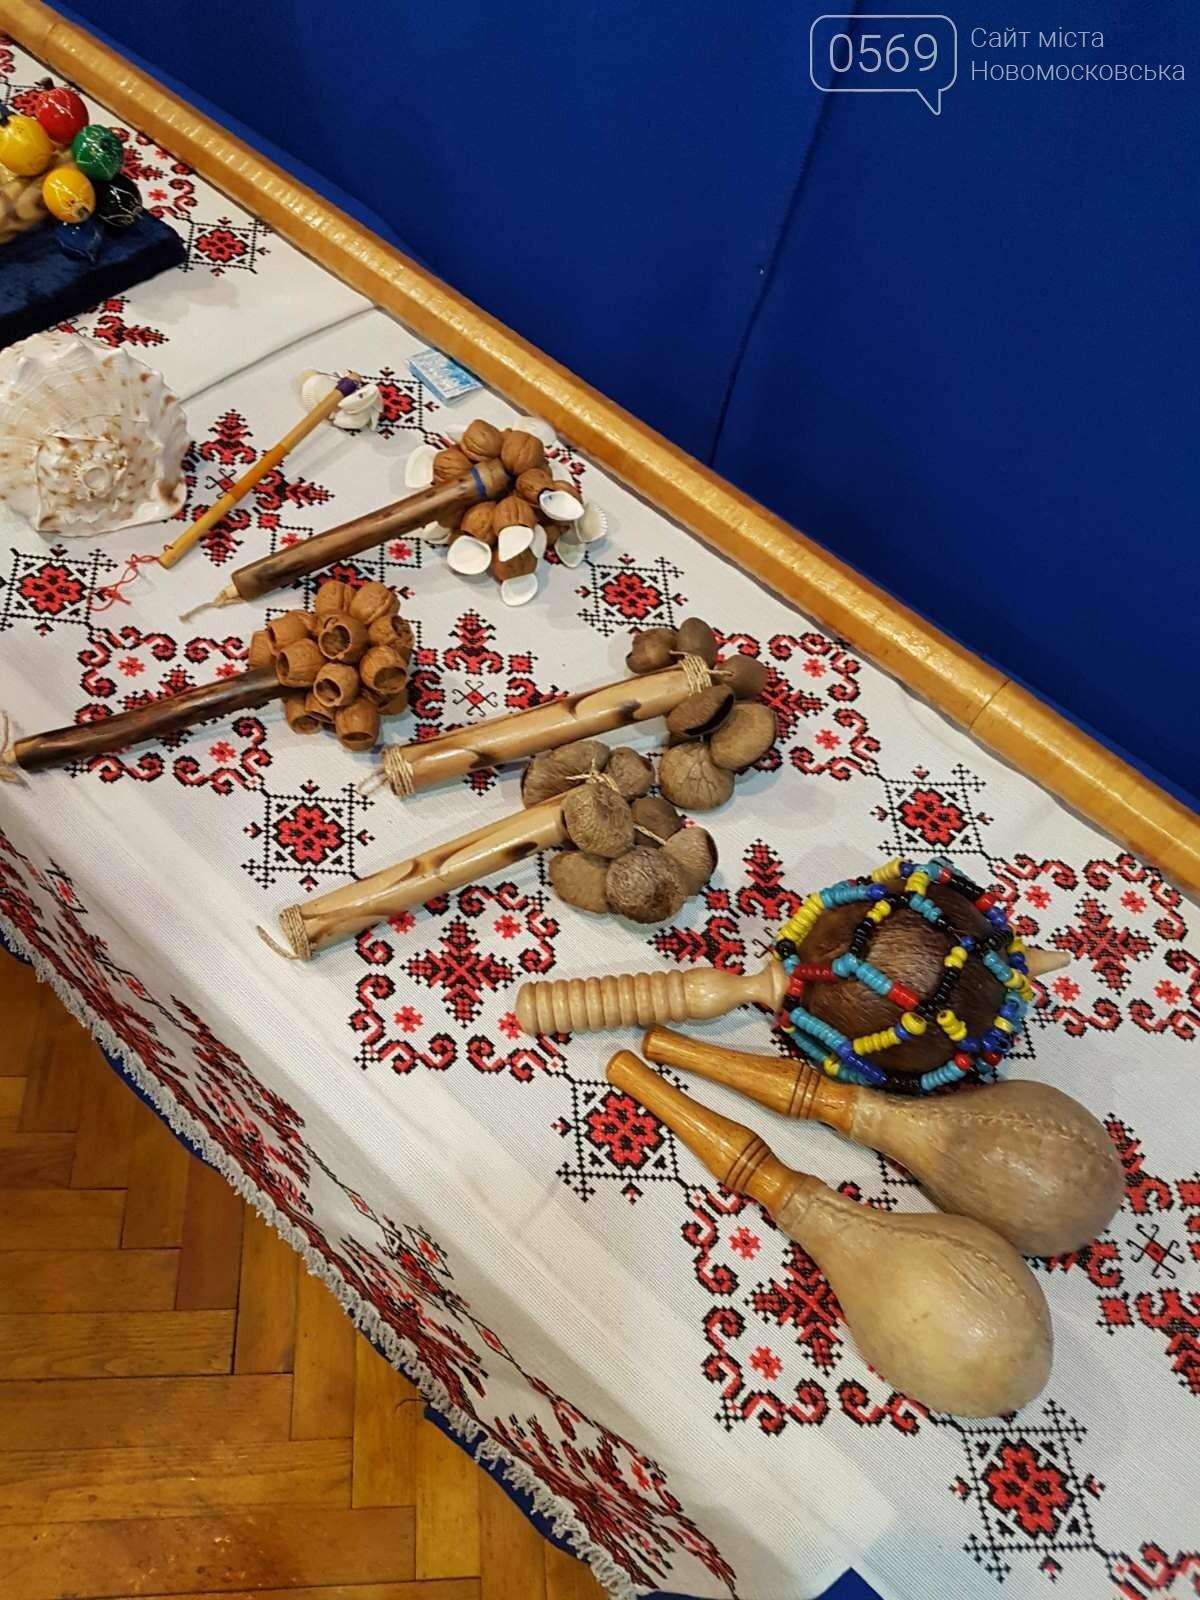 Учні Новомосковської мистецької школи відвідали виставку народних інструментів, фото-6